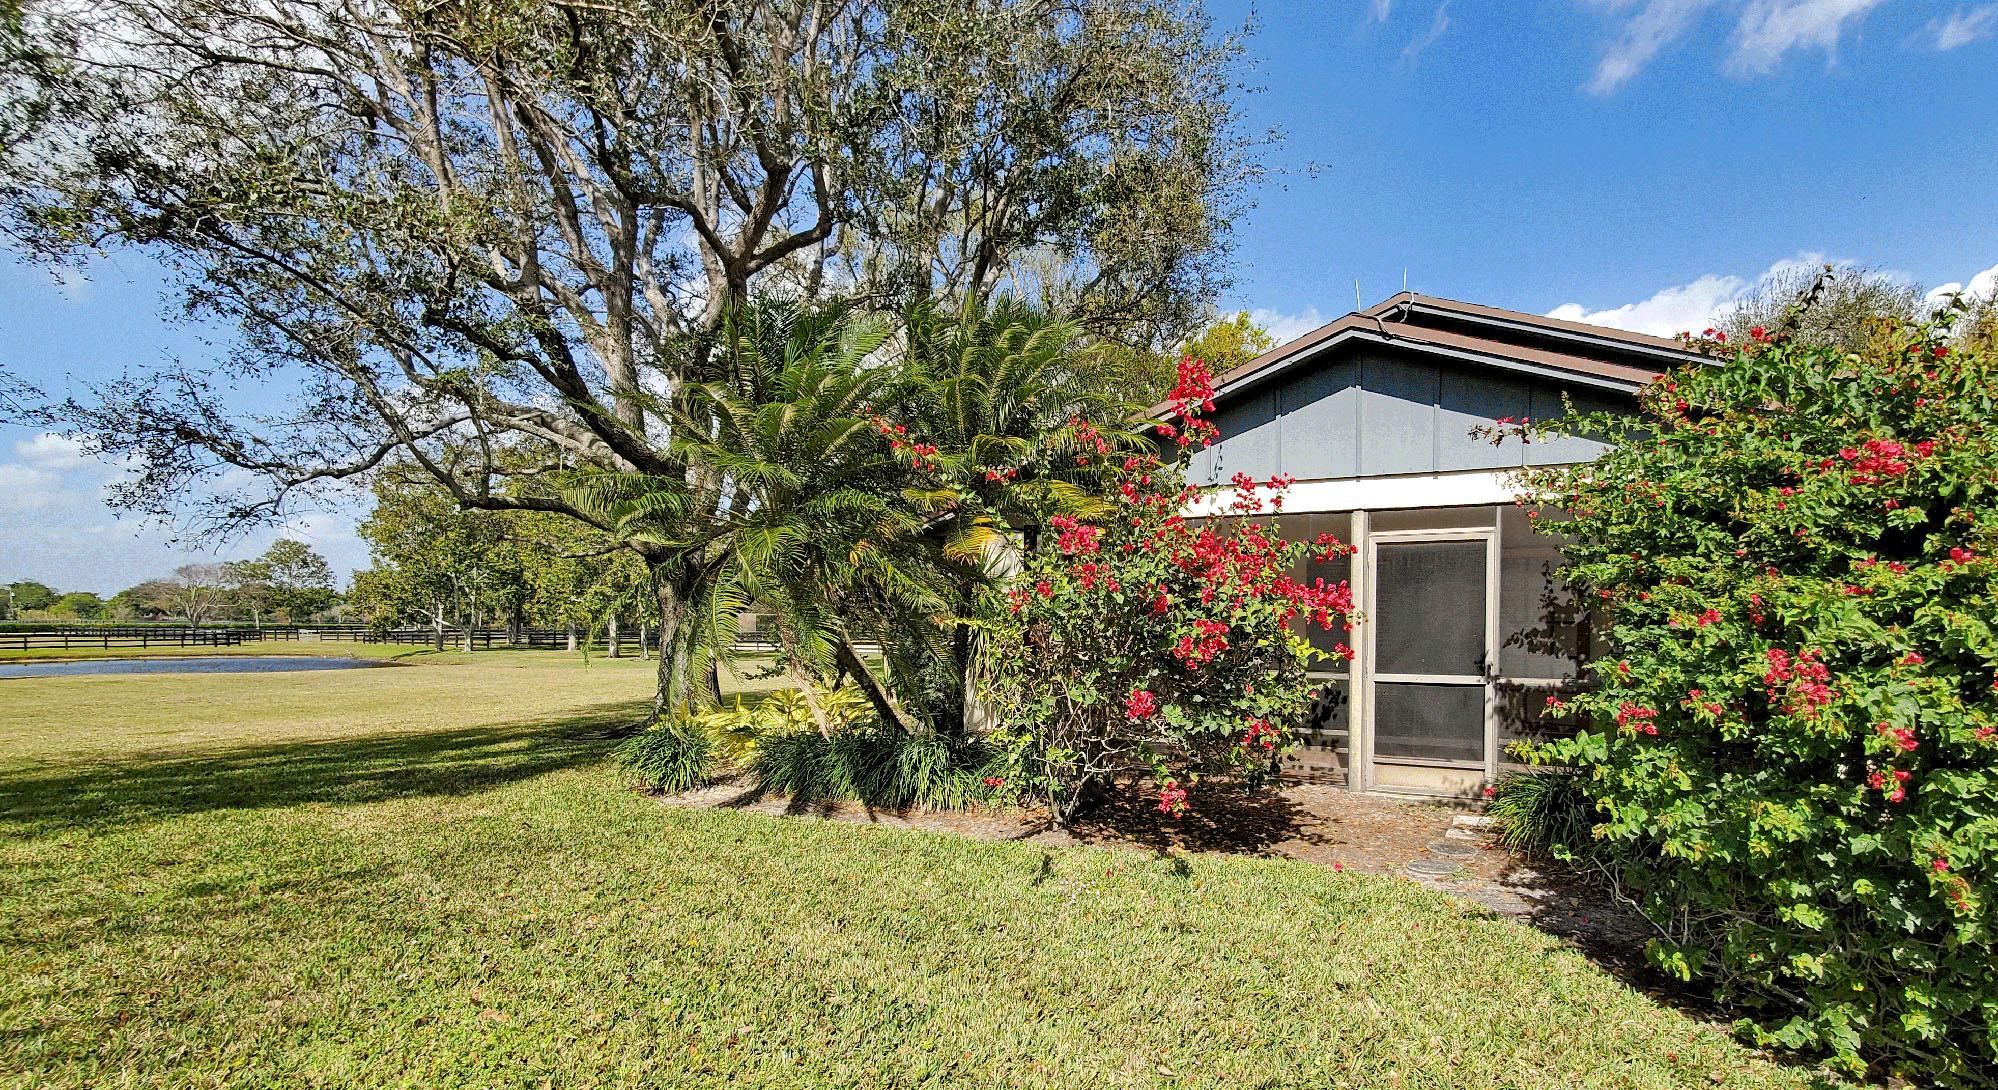 Wellington, Florida 33414, 1 Bedroom Bedrooms, ,1 BathroomBathrooms,Rental,For Rent,53rd Rd,RX-10689905